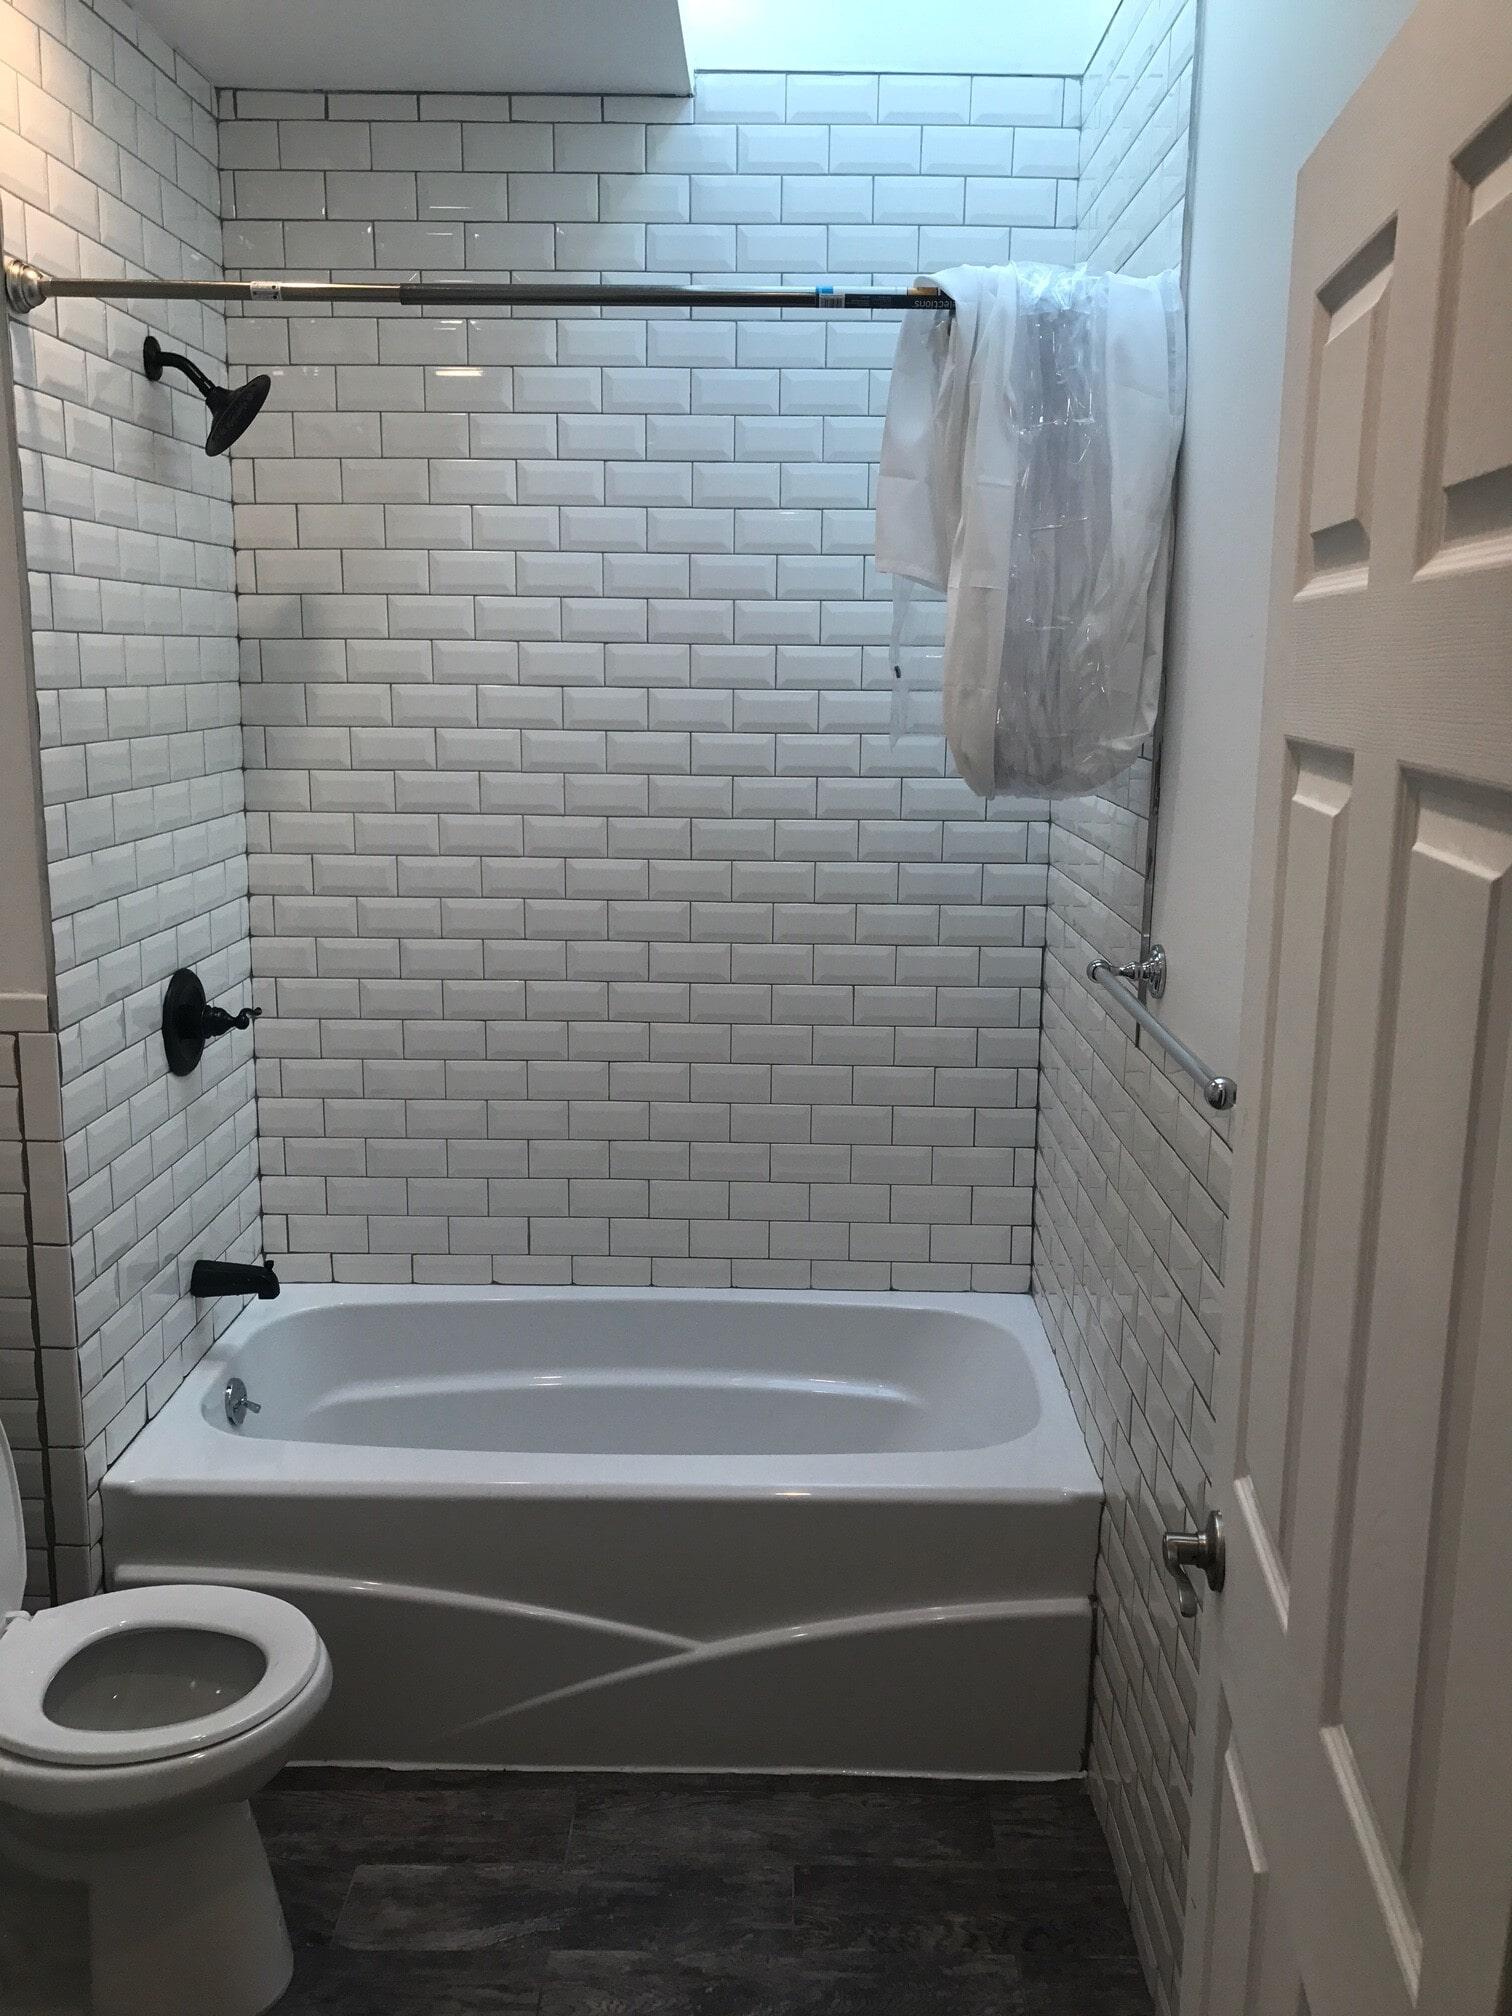 General Contracting Staten Island NY J F General Contracting Inc - Bathroom remodeling staten island ny